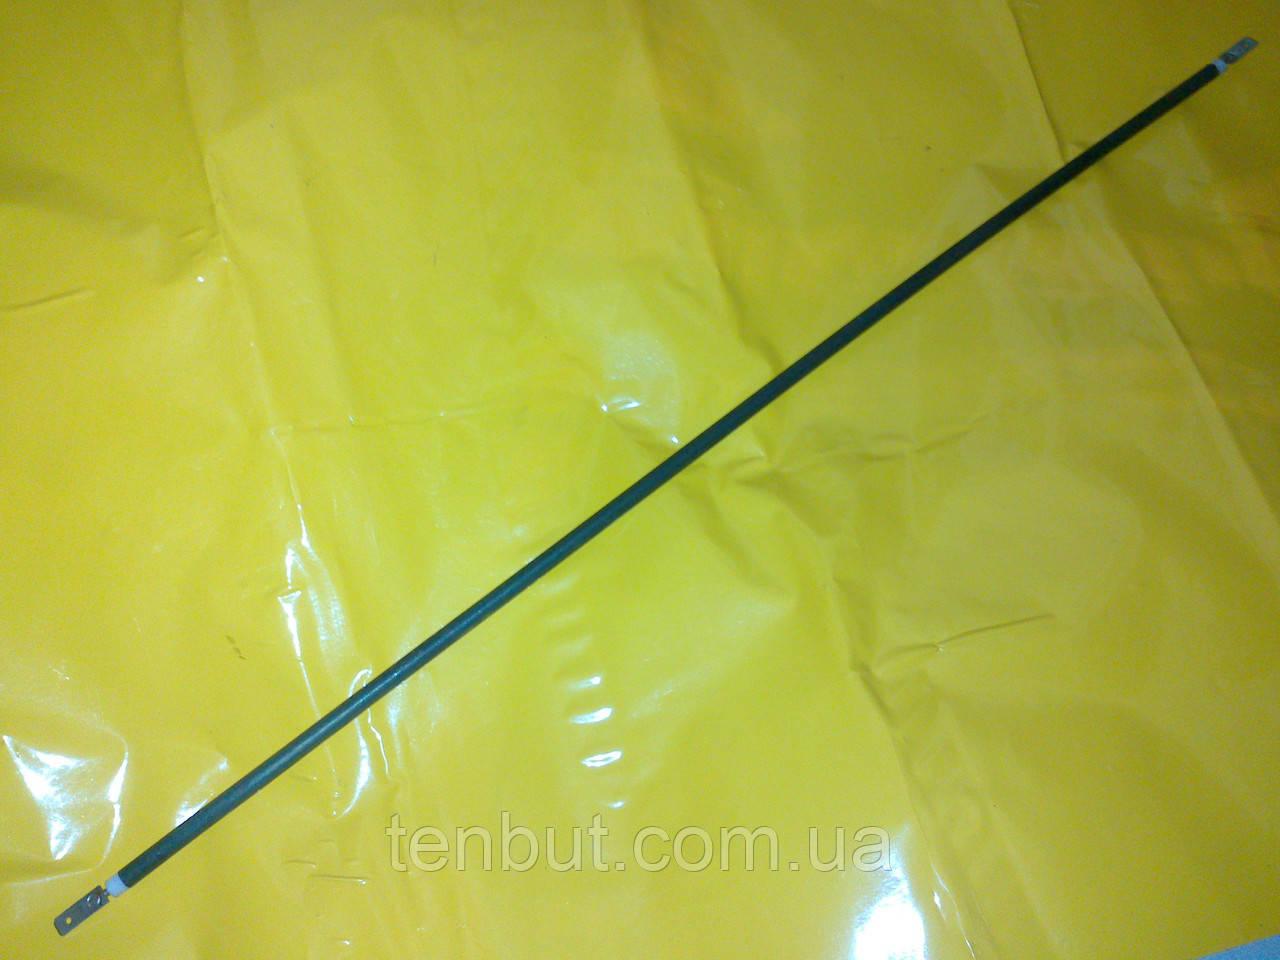 Гибкий воздушный тэн Ф-6 мм./ L-40 см./ 400 Вт. производство Турция Sanal